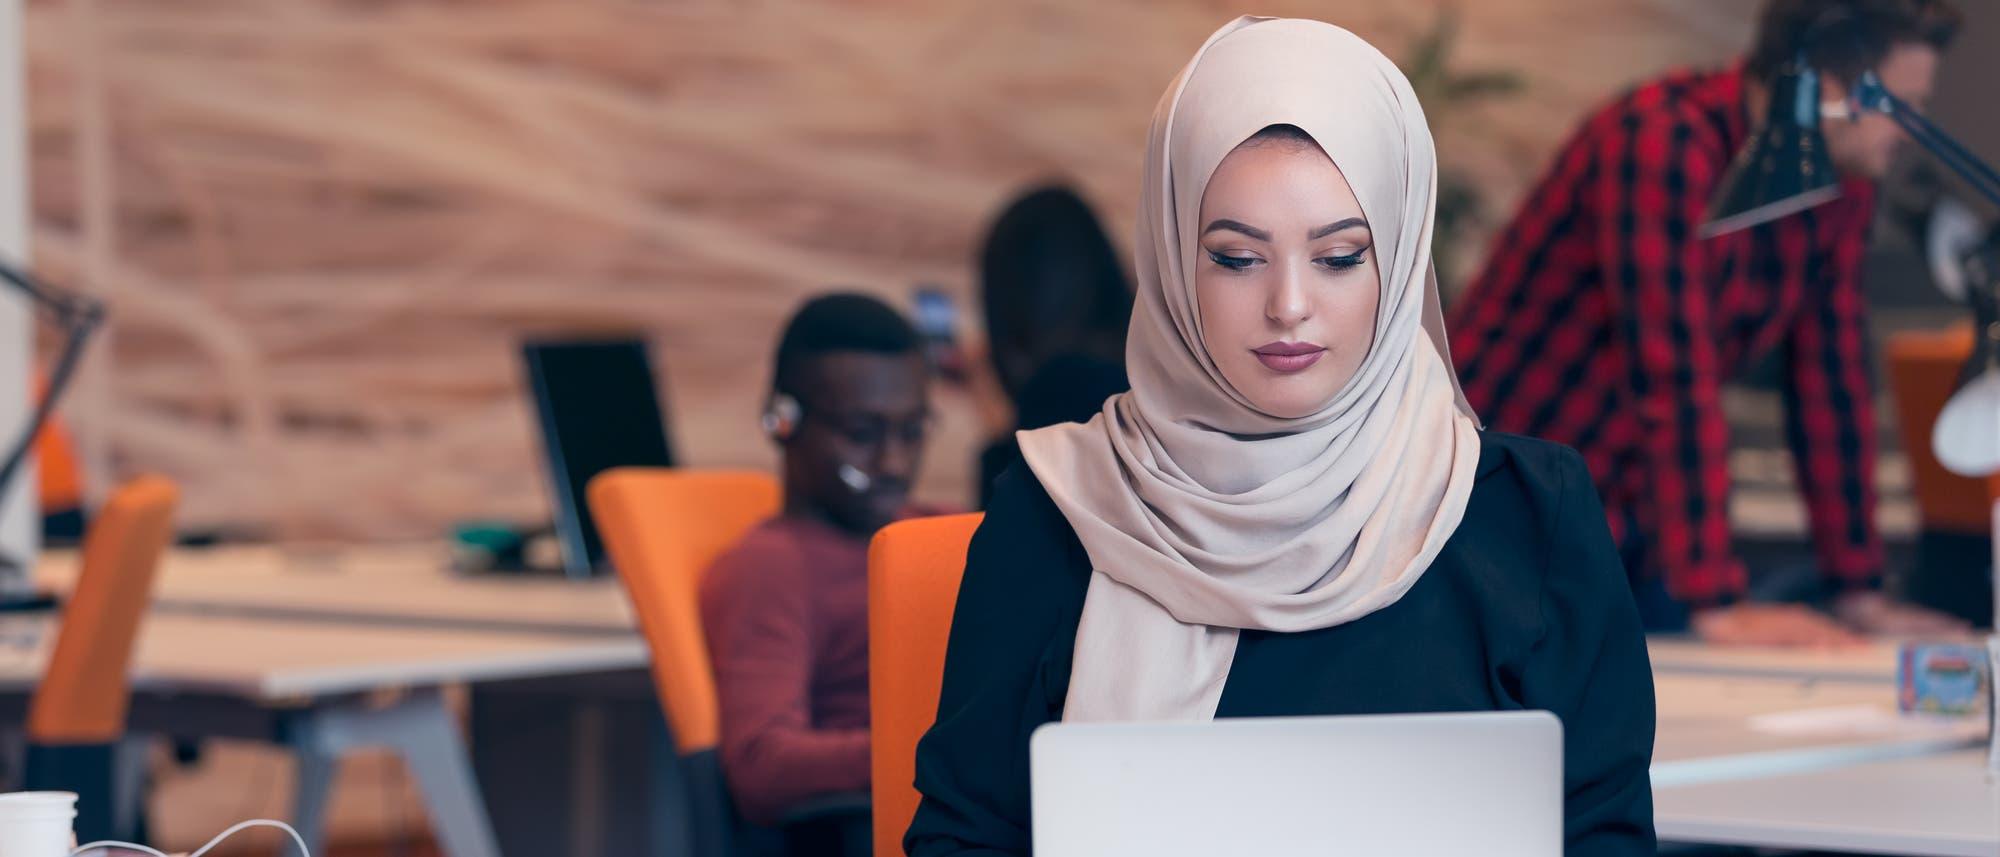 Eine muslimische Frau arbeitet konzentriert am Computer